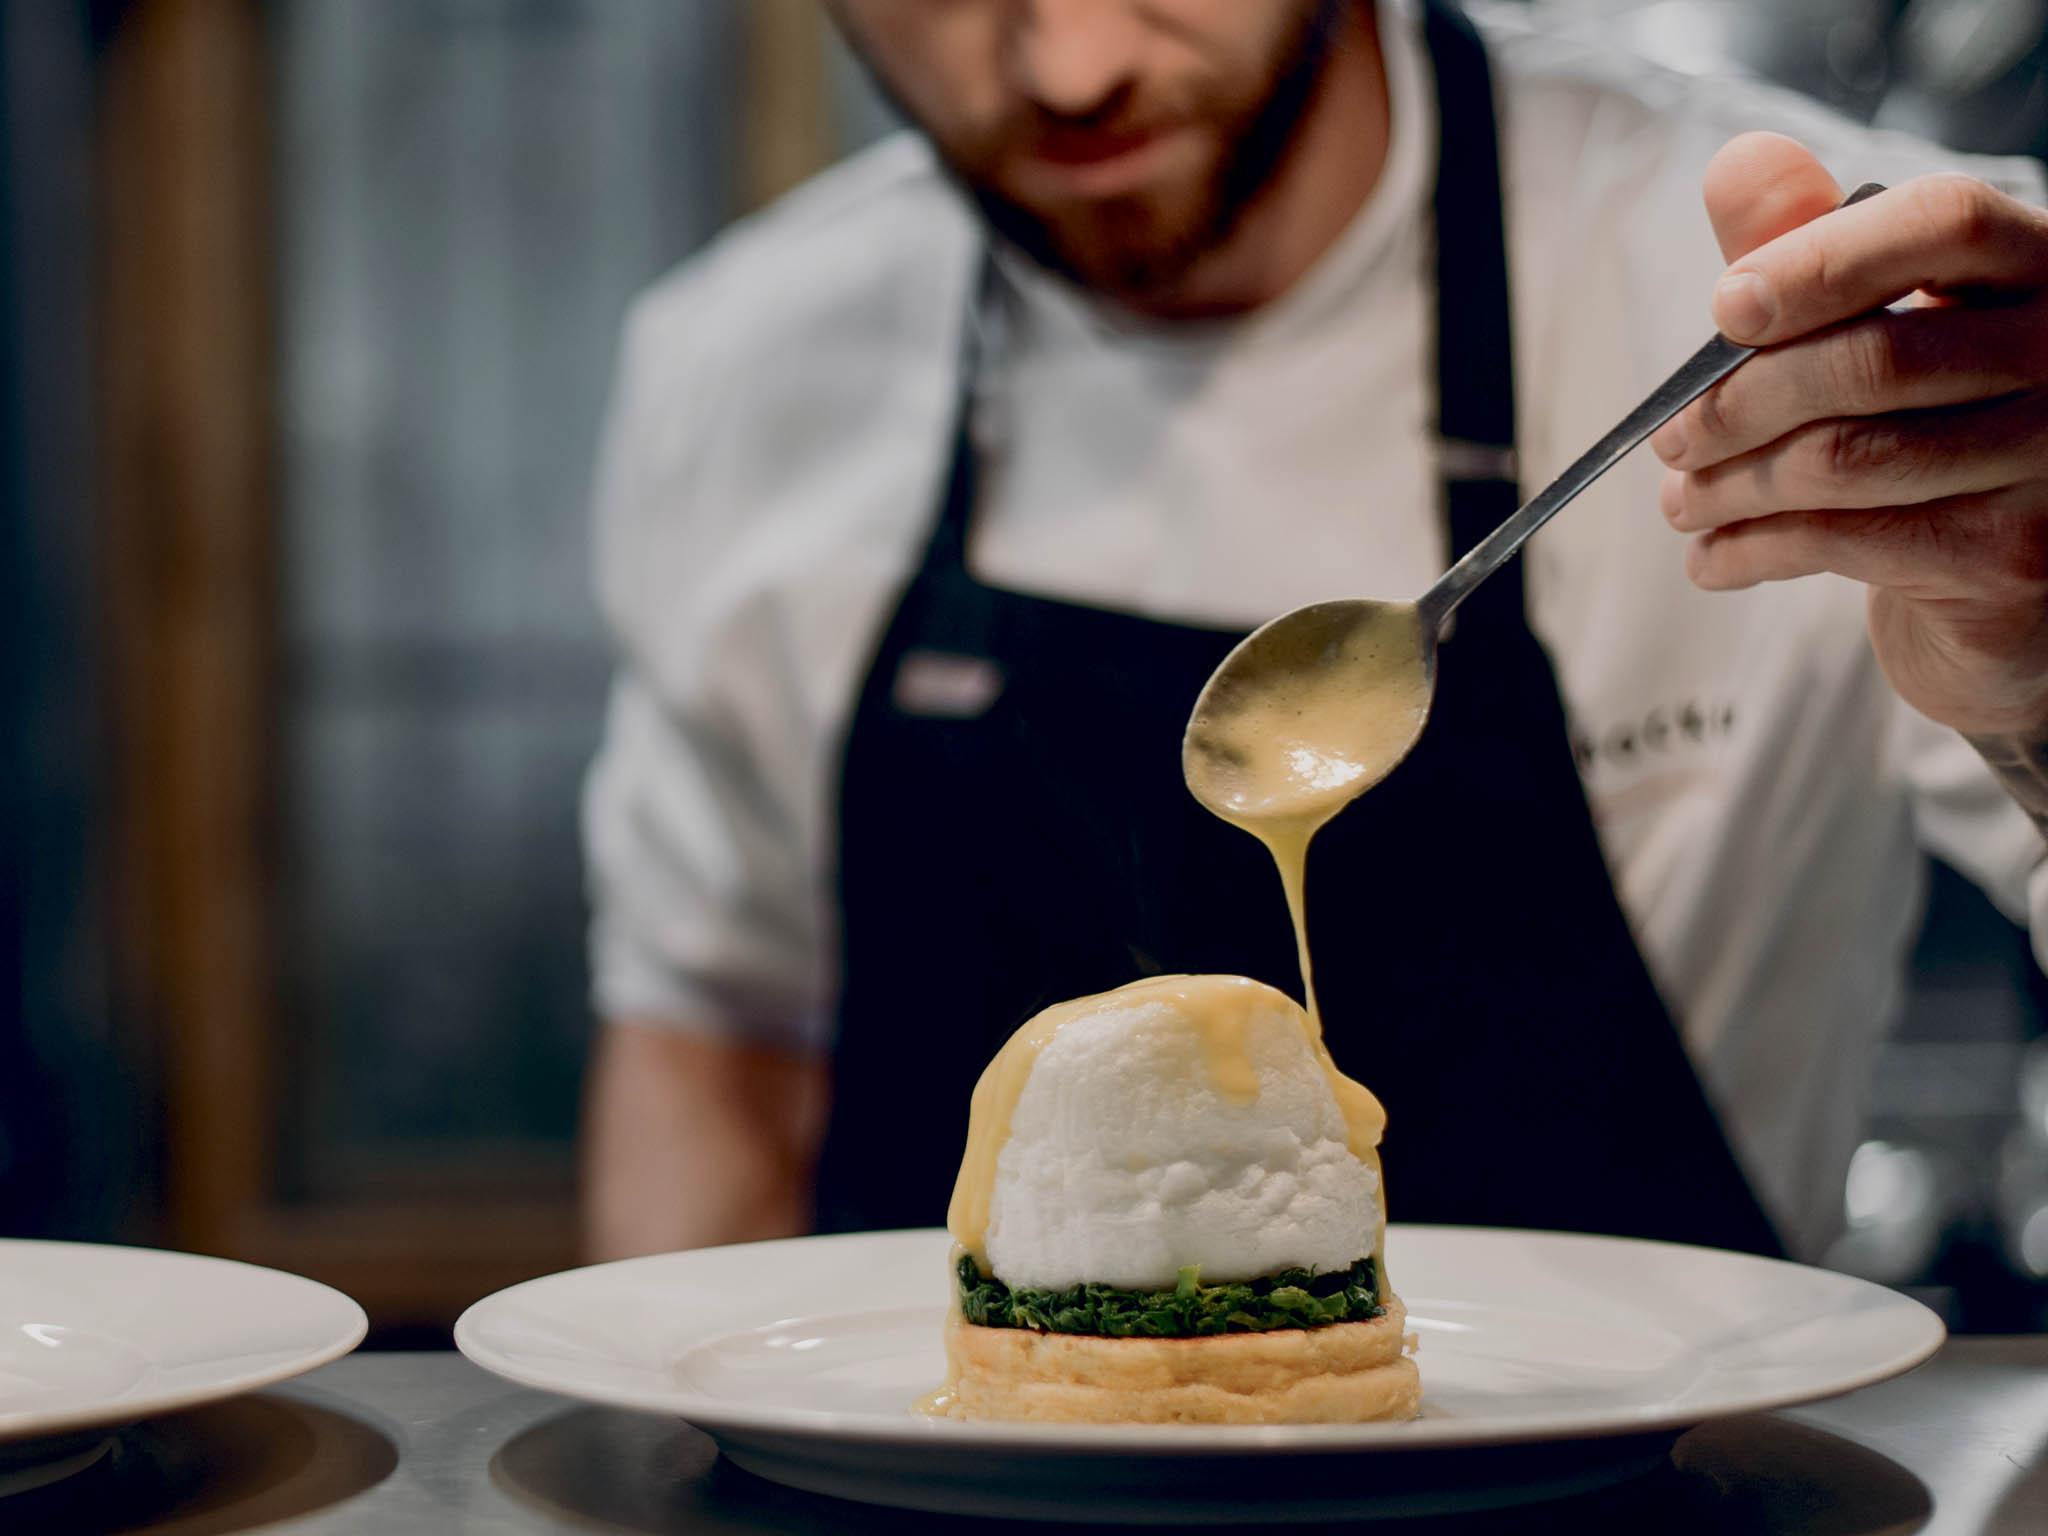 Sezonní suroviny, moderní zpracování, nevšední chutě aautorské recepty. To je nová smíchovská restaurace šéfkuchaře Ondřeje Kynčla, známého především zKavárny, co hledá jméno.